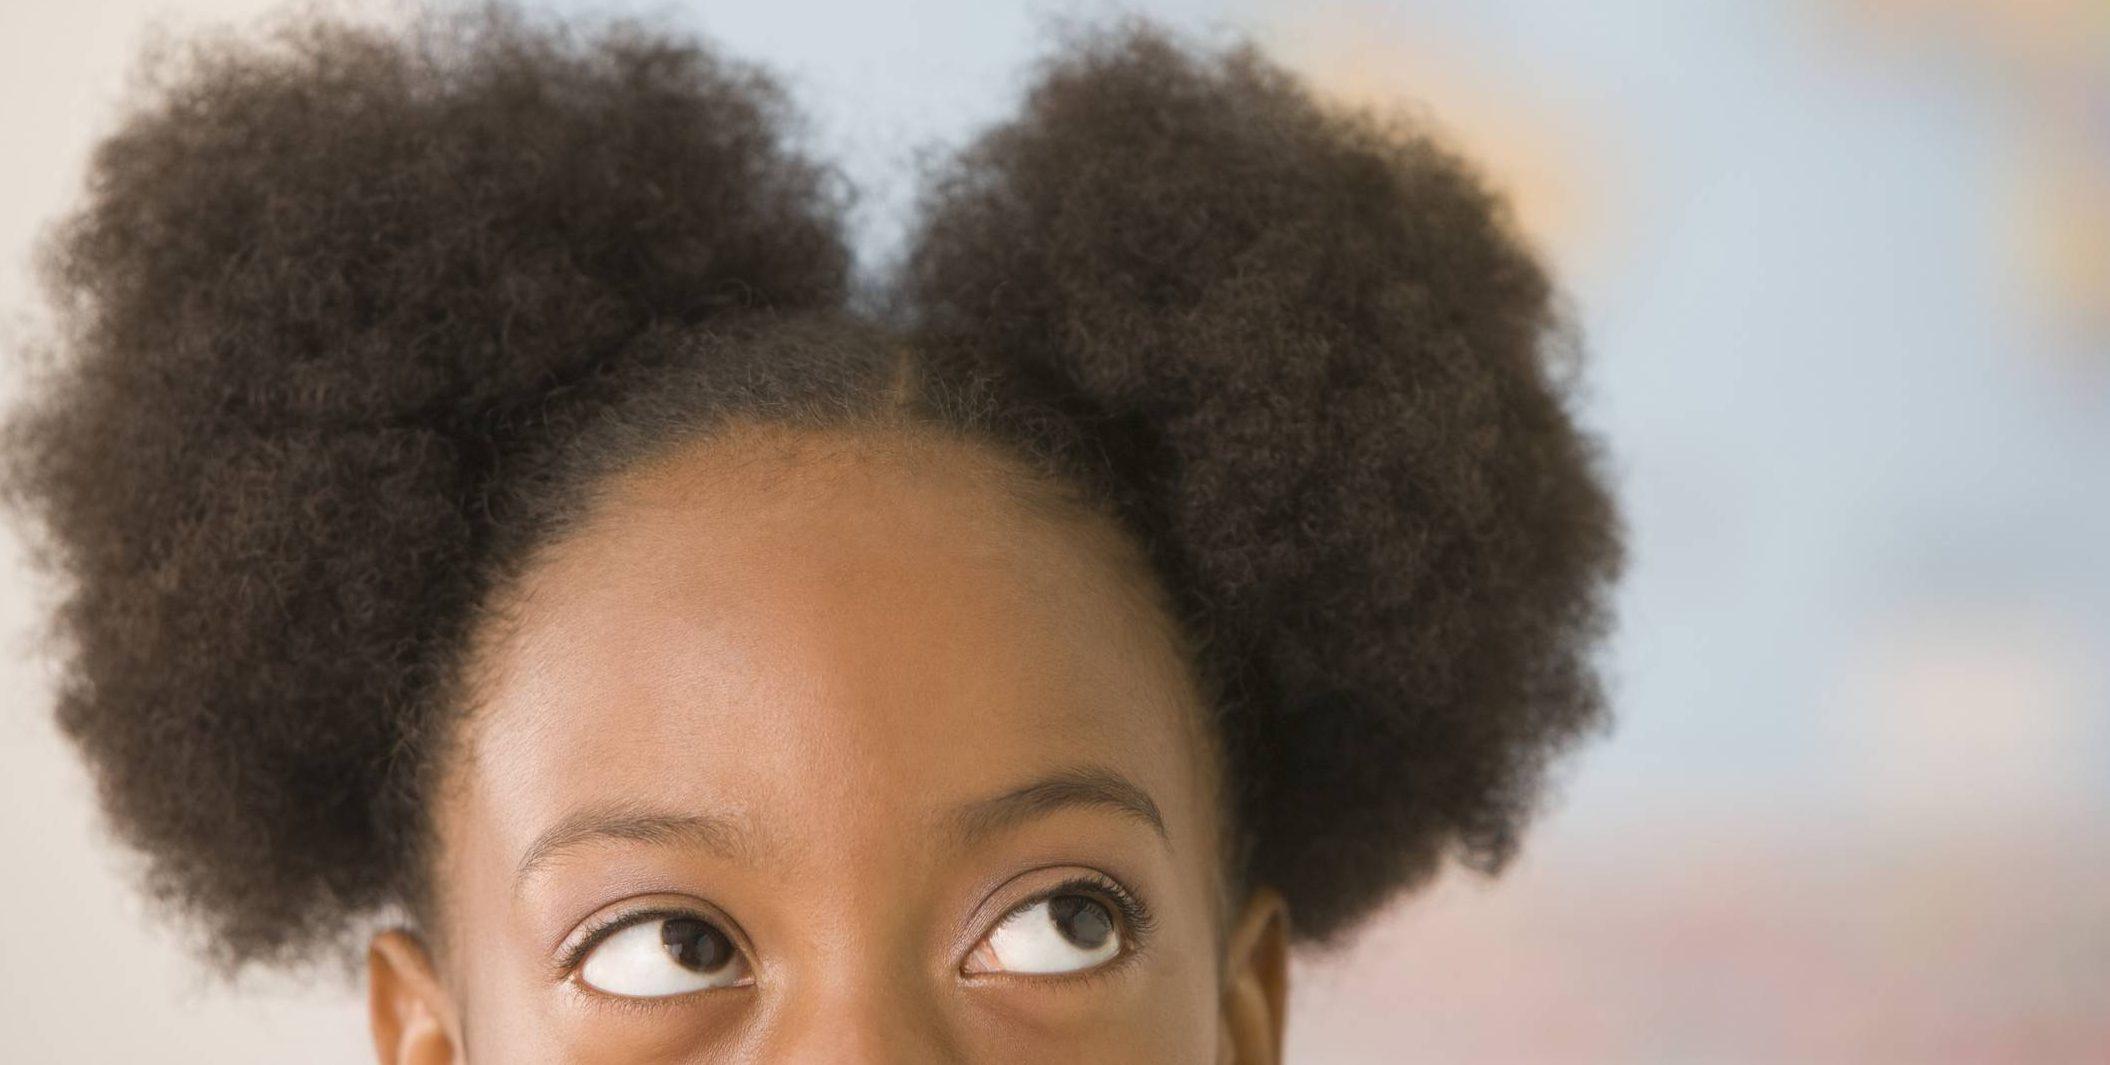 www.juicysantos.com.br - menina negra com cabelo repartido em dois - vozes pretas - criança preta o desafio de um futuro sem racismo